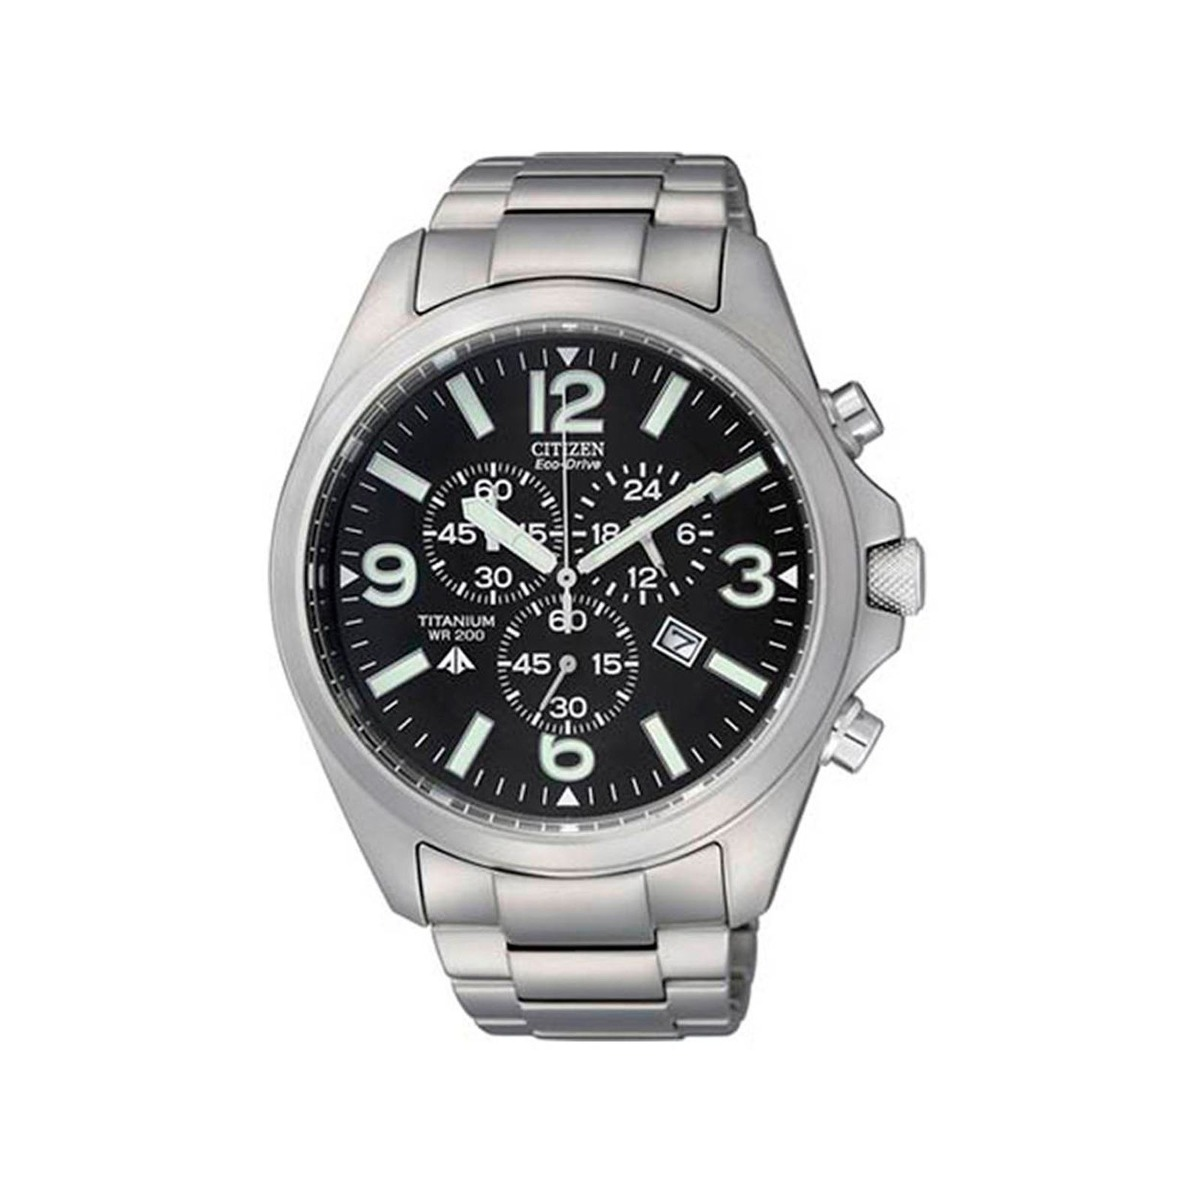 95e3b5837ef relógio citizen eco drive cronógrafo titanium. Carregando zoom.